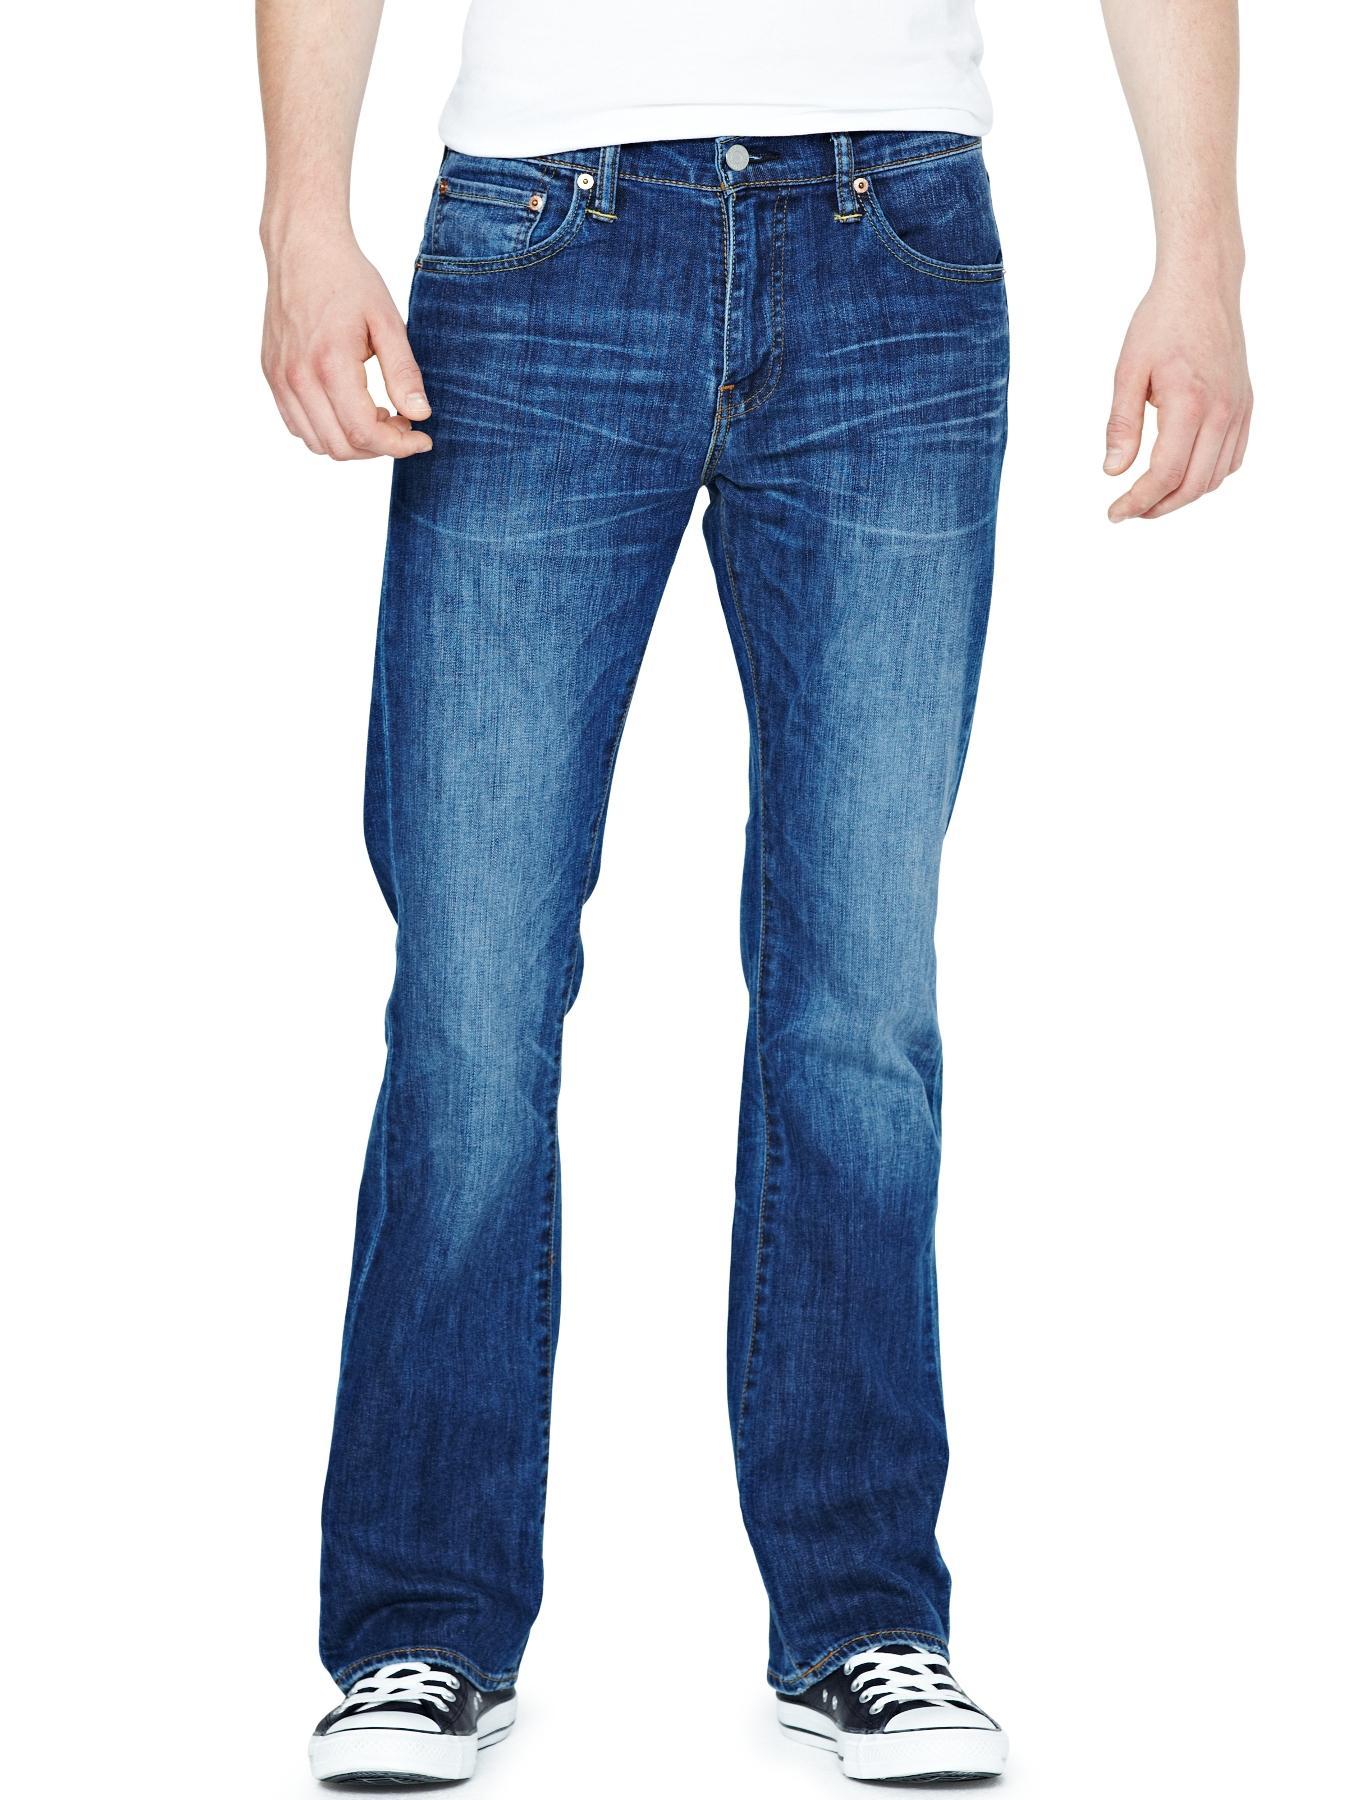 Cheap Levis 501 Mens Jeans